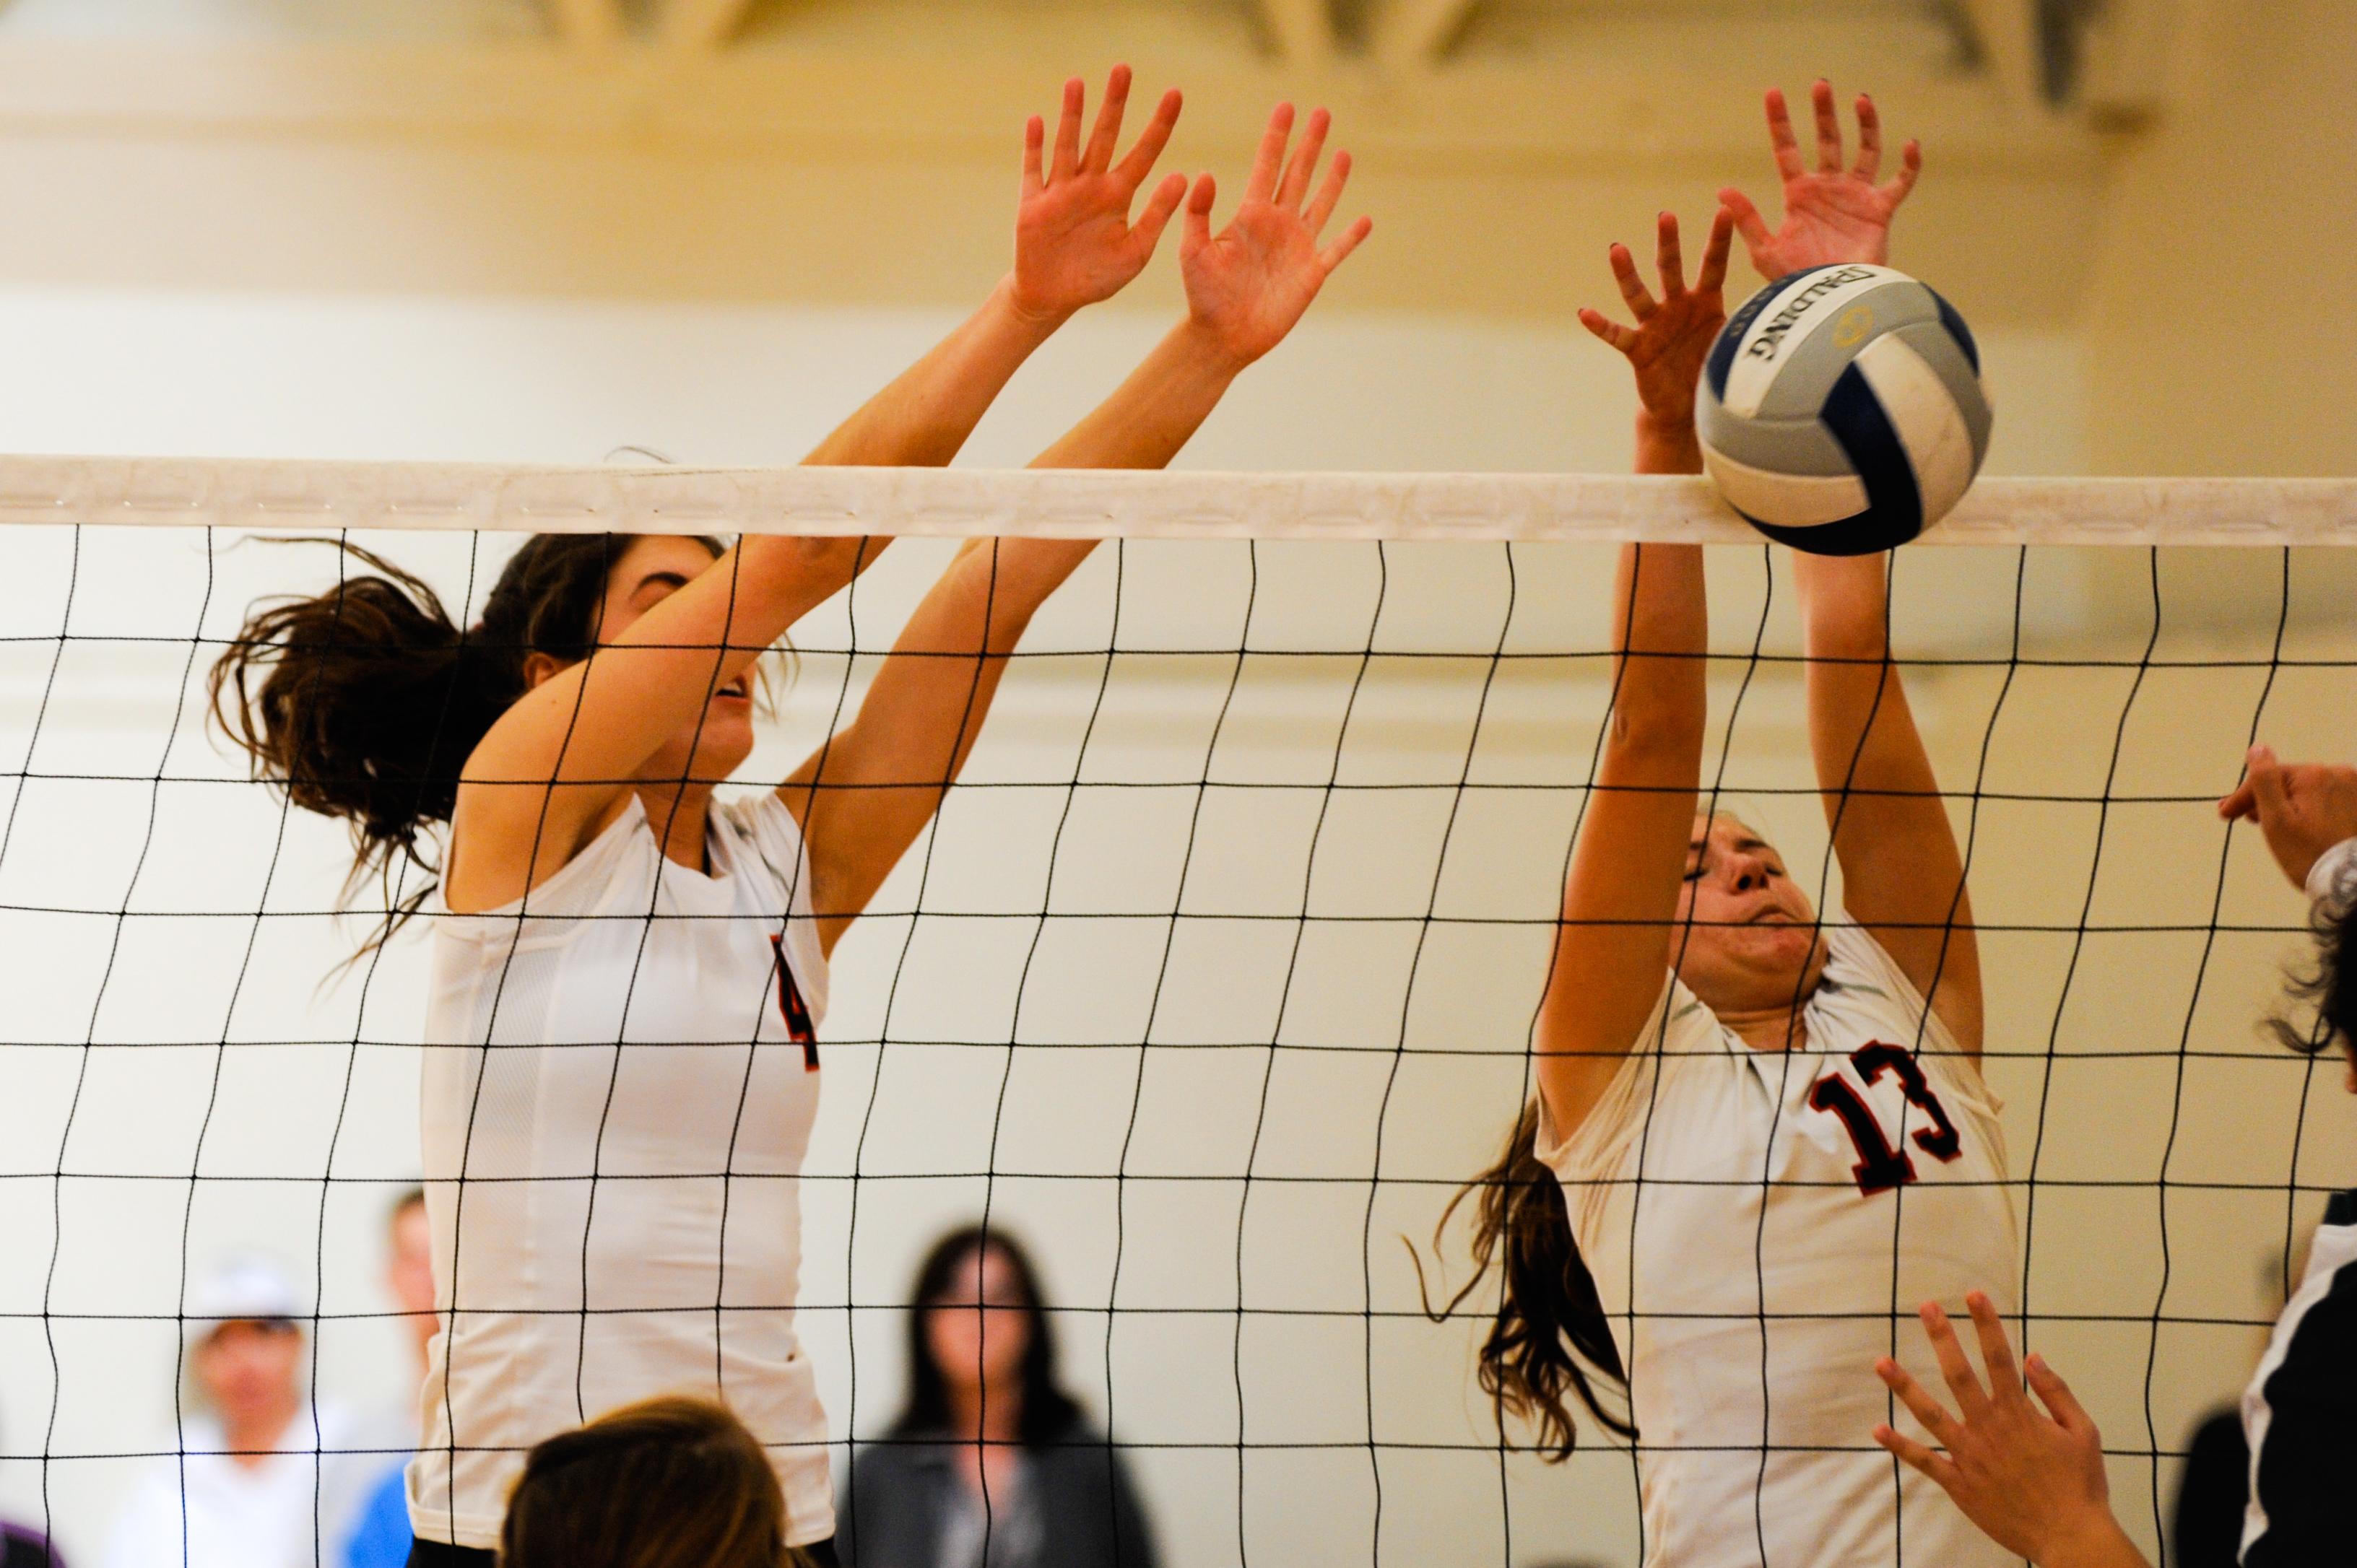 Fundamentos e características do Voleibol